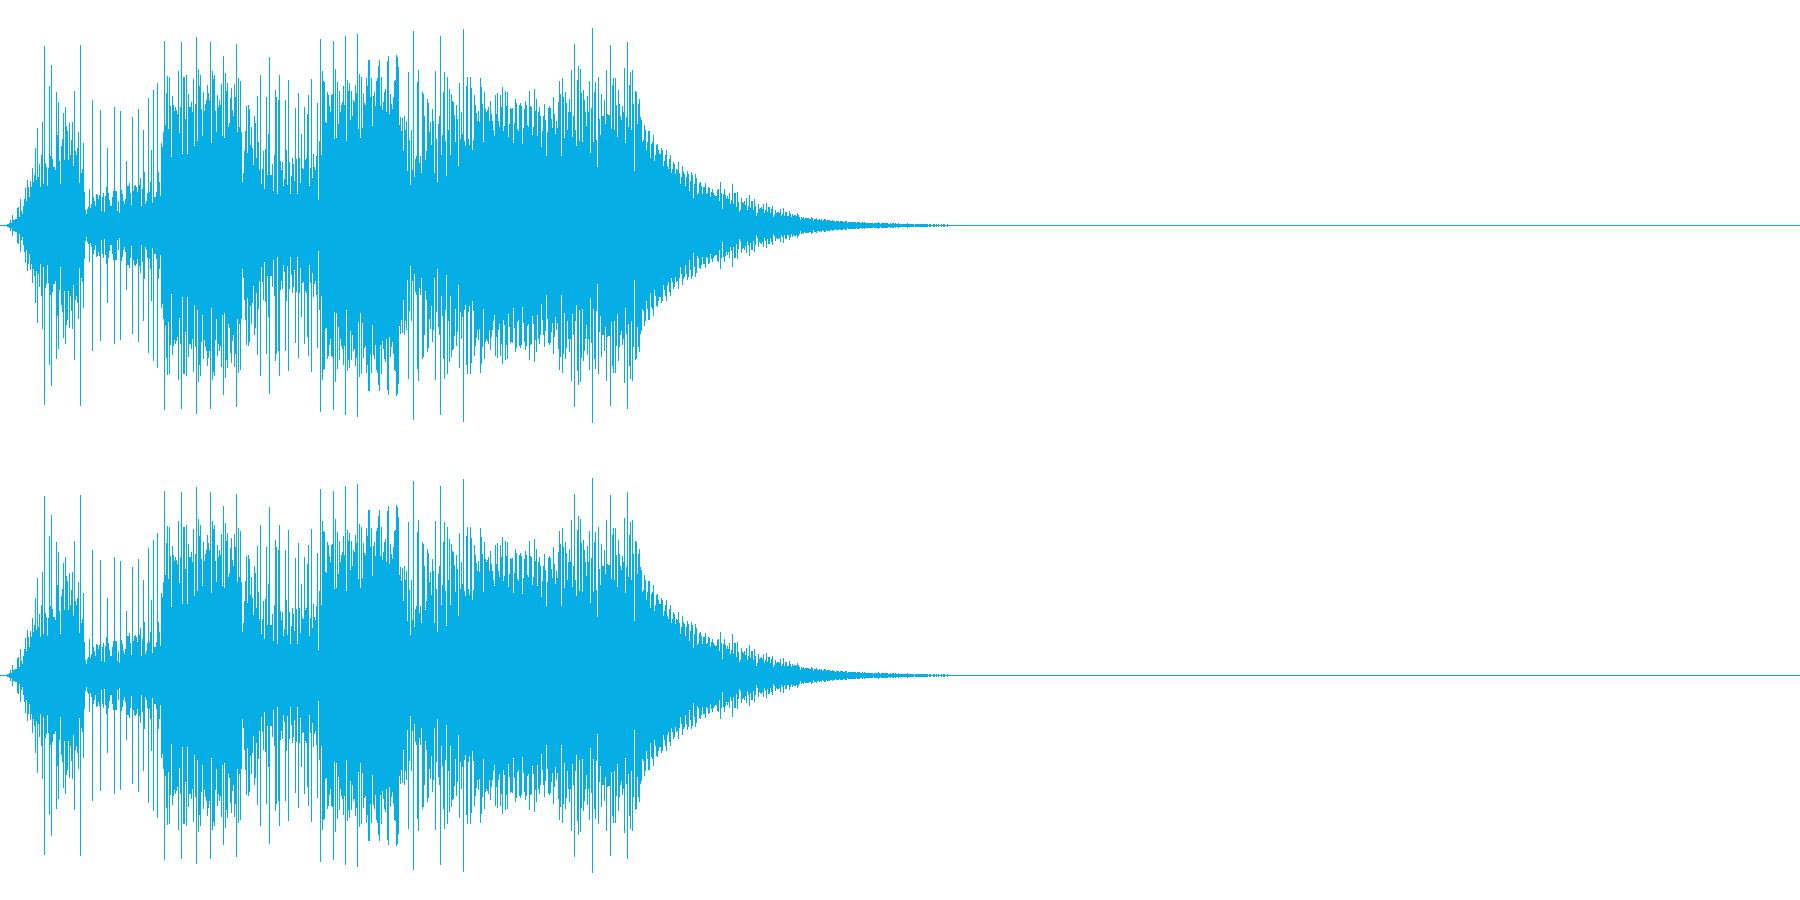 ボタン押下や決定音_キュピピ!の再生済みの波形